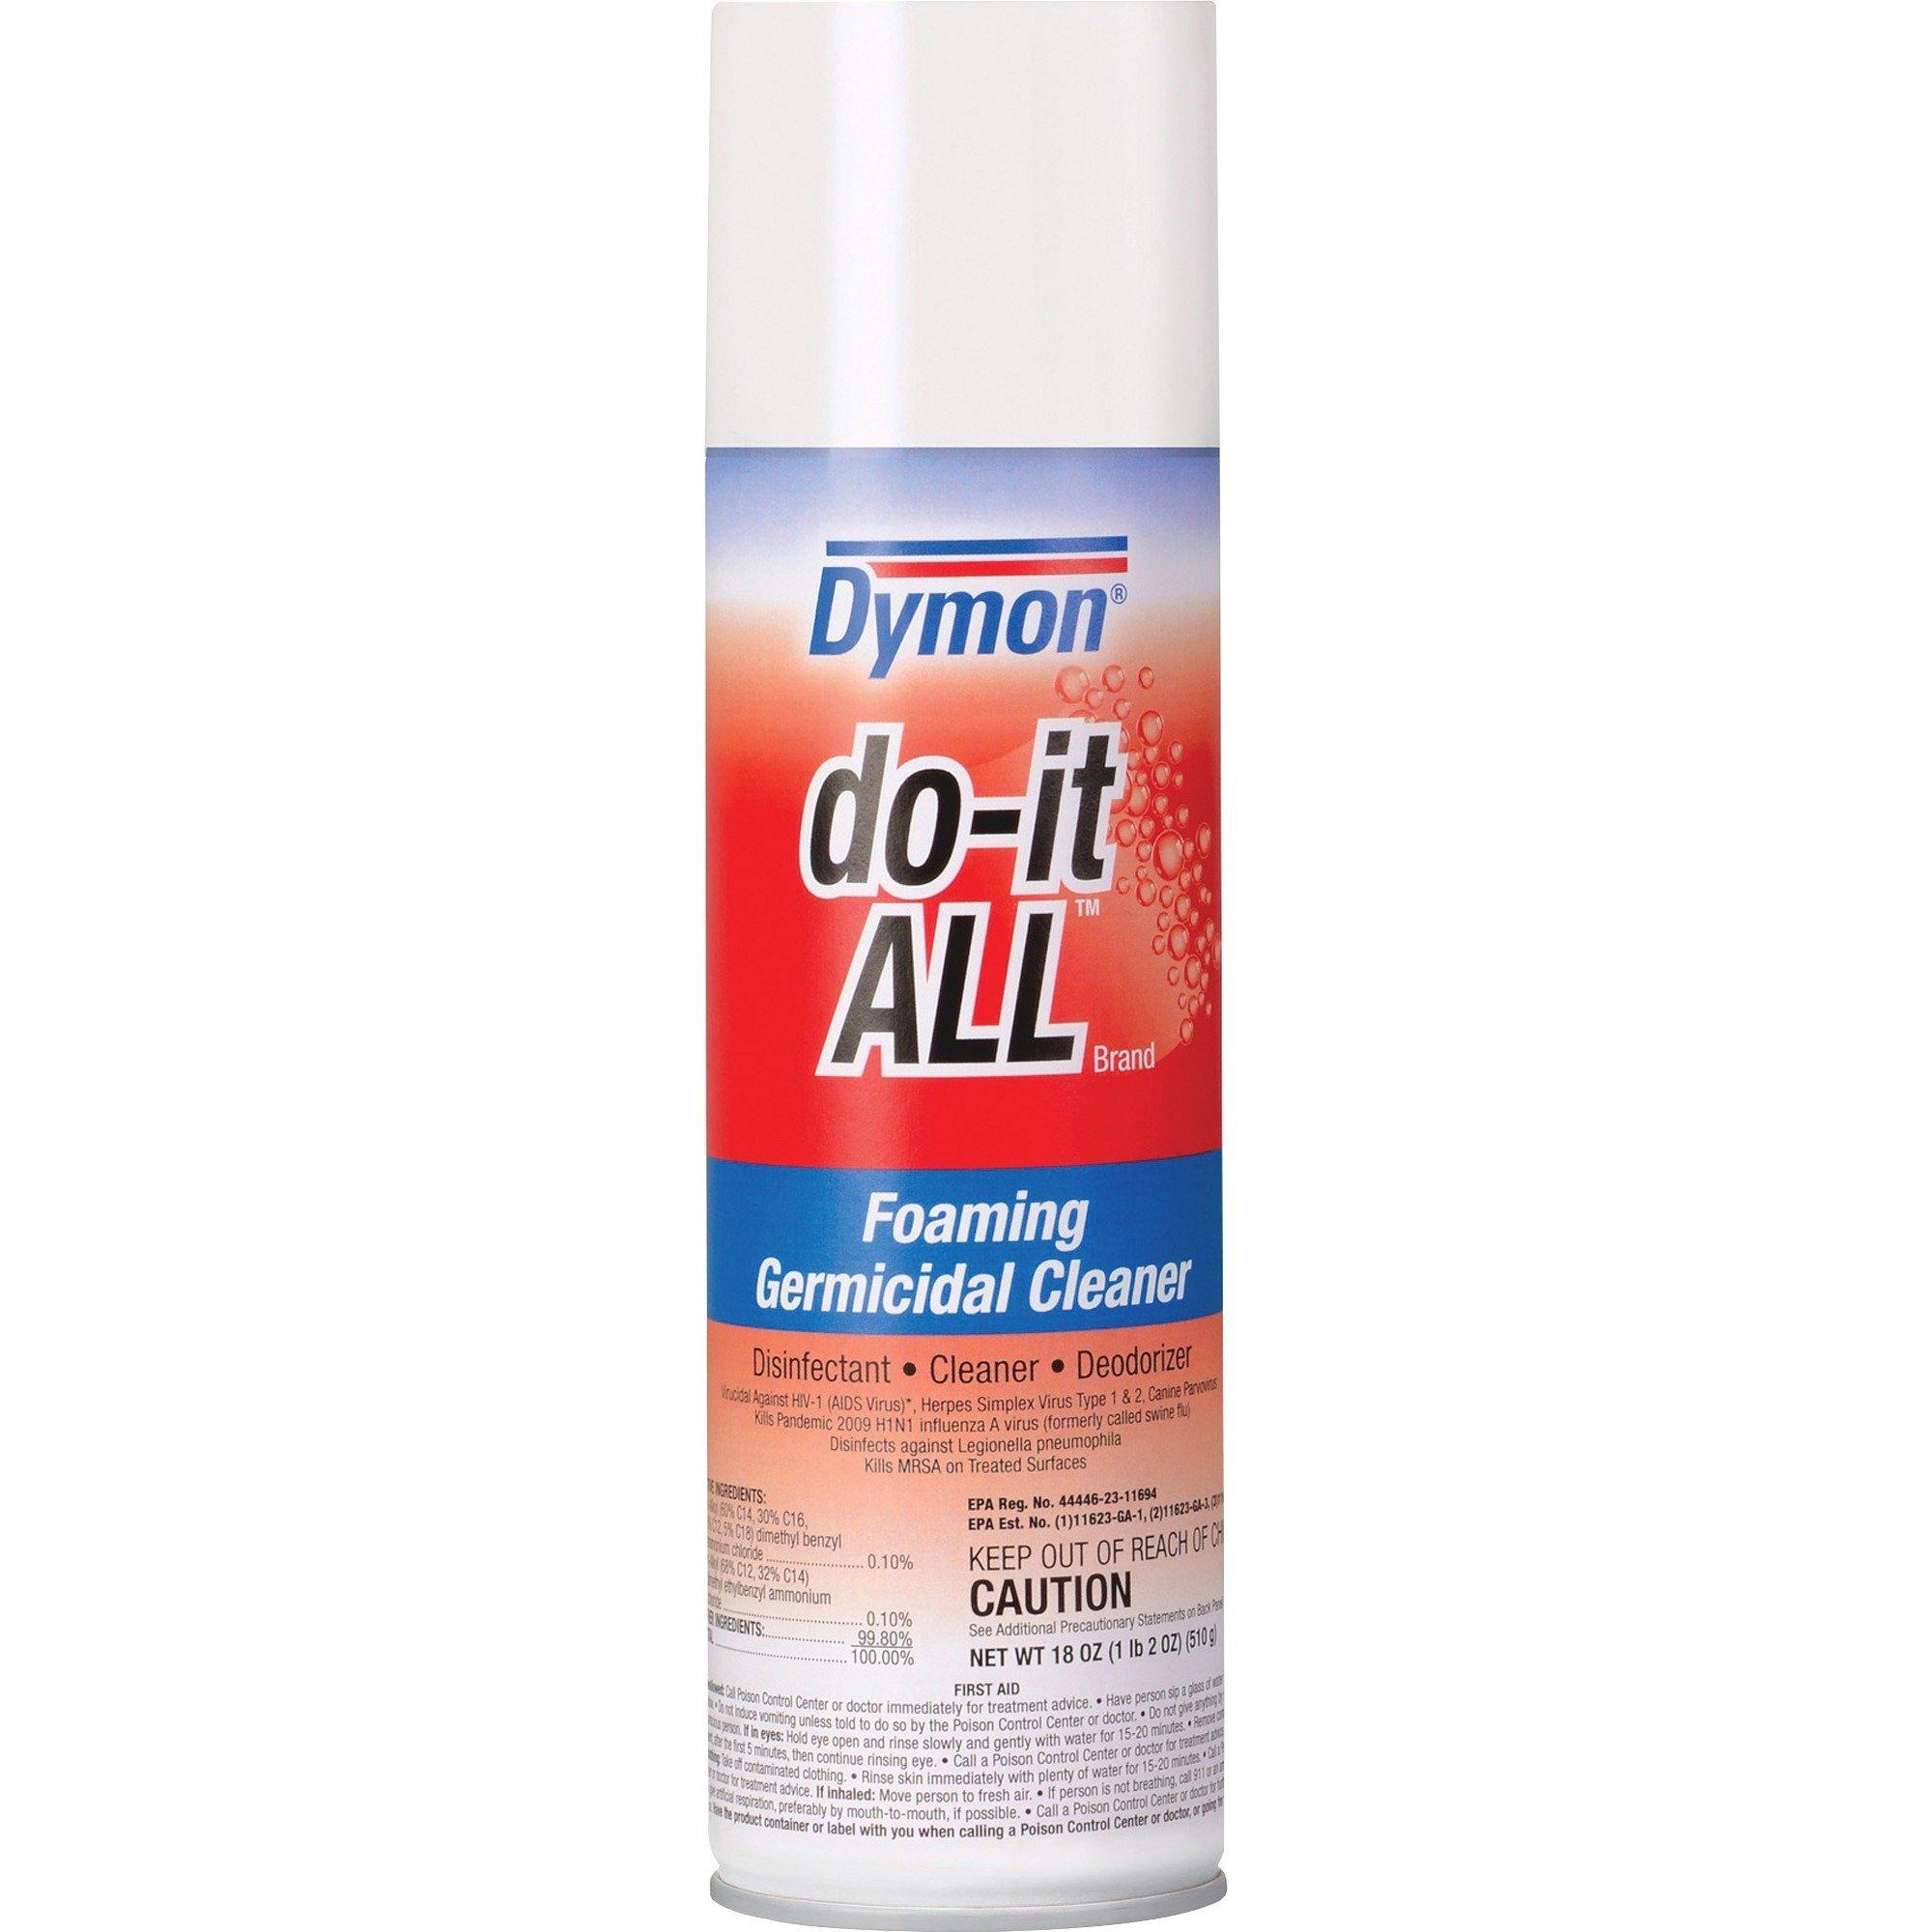 Dymon Do-It-All Foaming Germicidal Cleaner